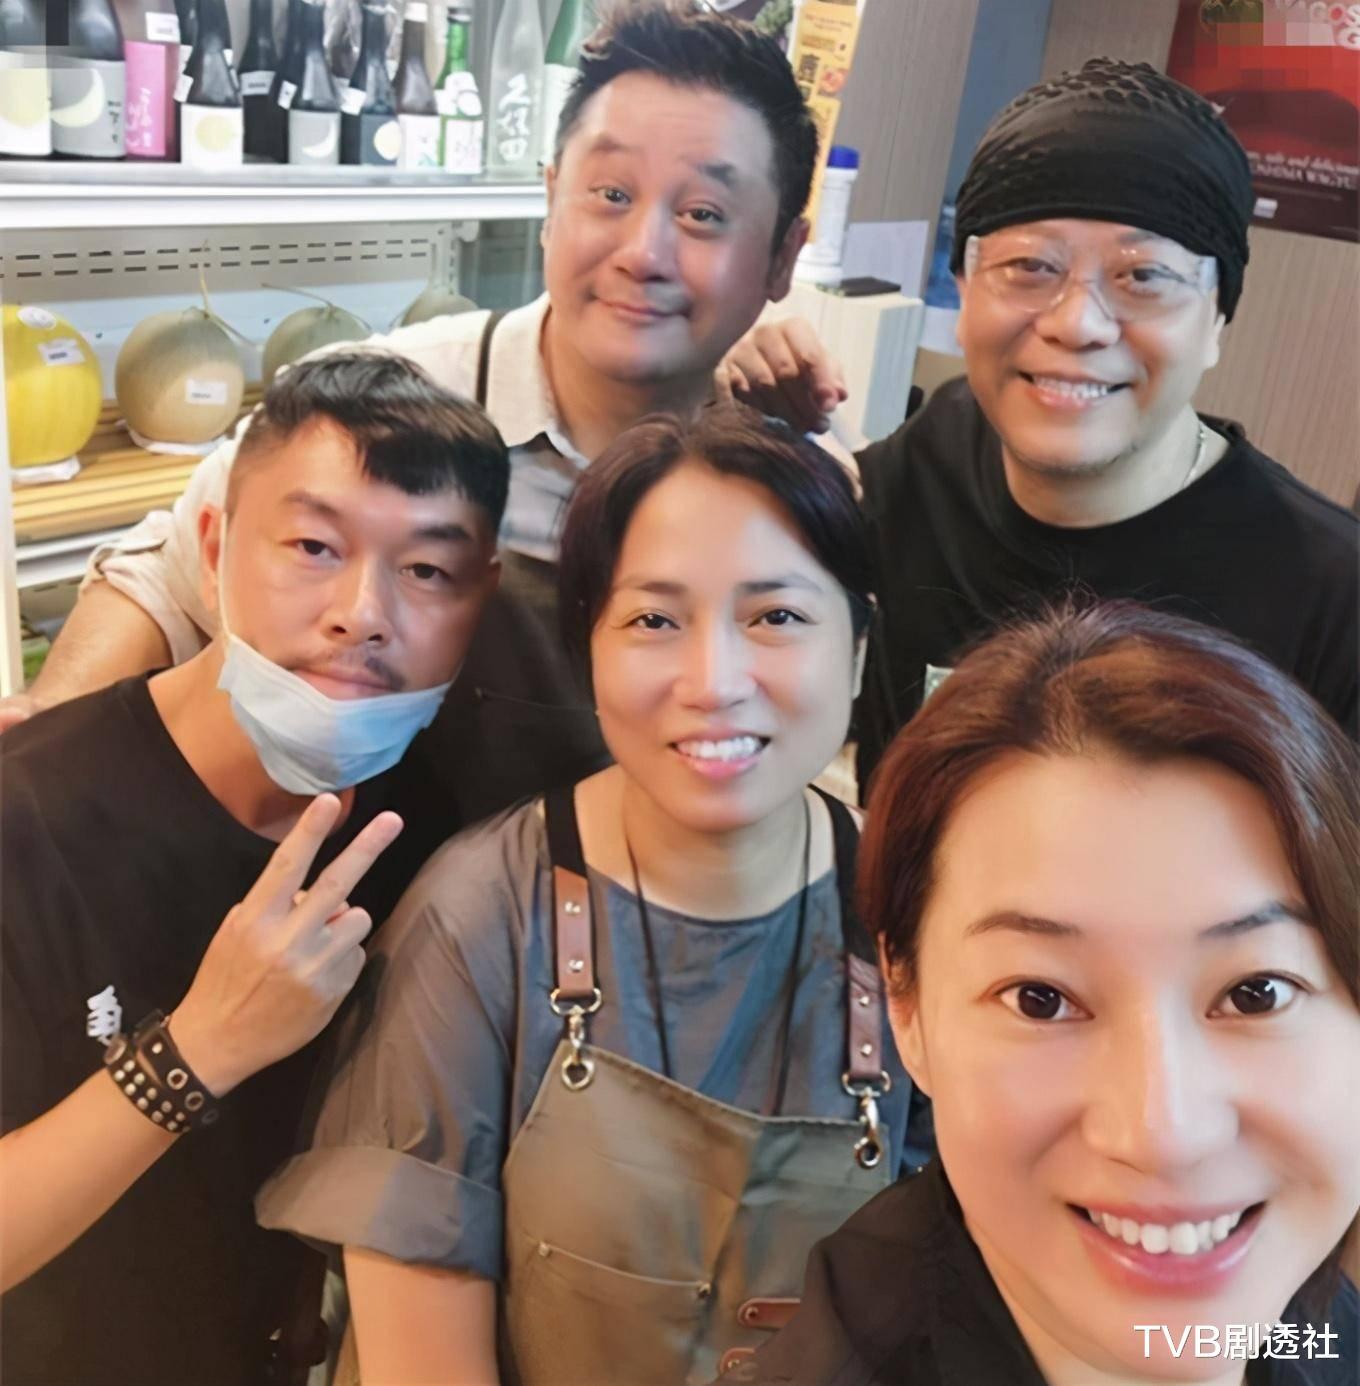 好慘! TVB男星餐廳被人潑紅油, 開業才三個月疑與人結怨-圖9